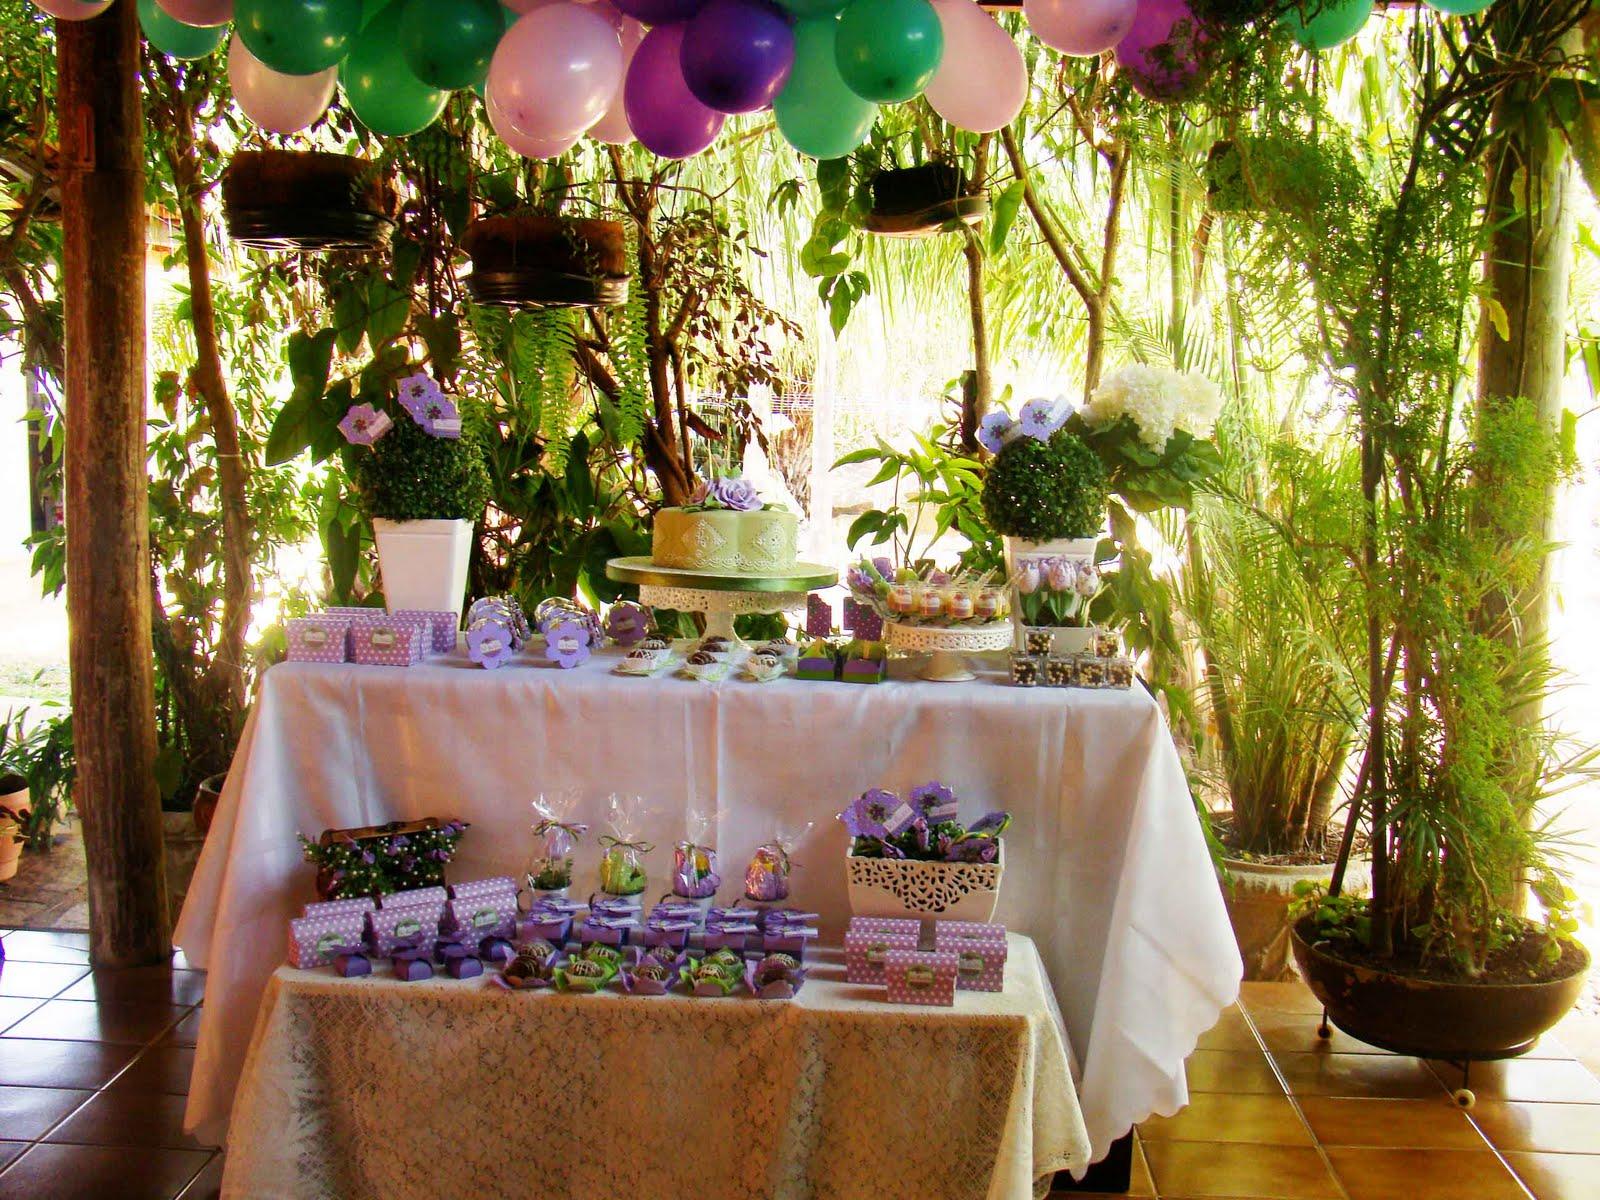 decoracao festa vovó:Papeliê – Papel em Festa (Blog): Aniversário da Vovó